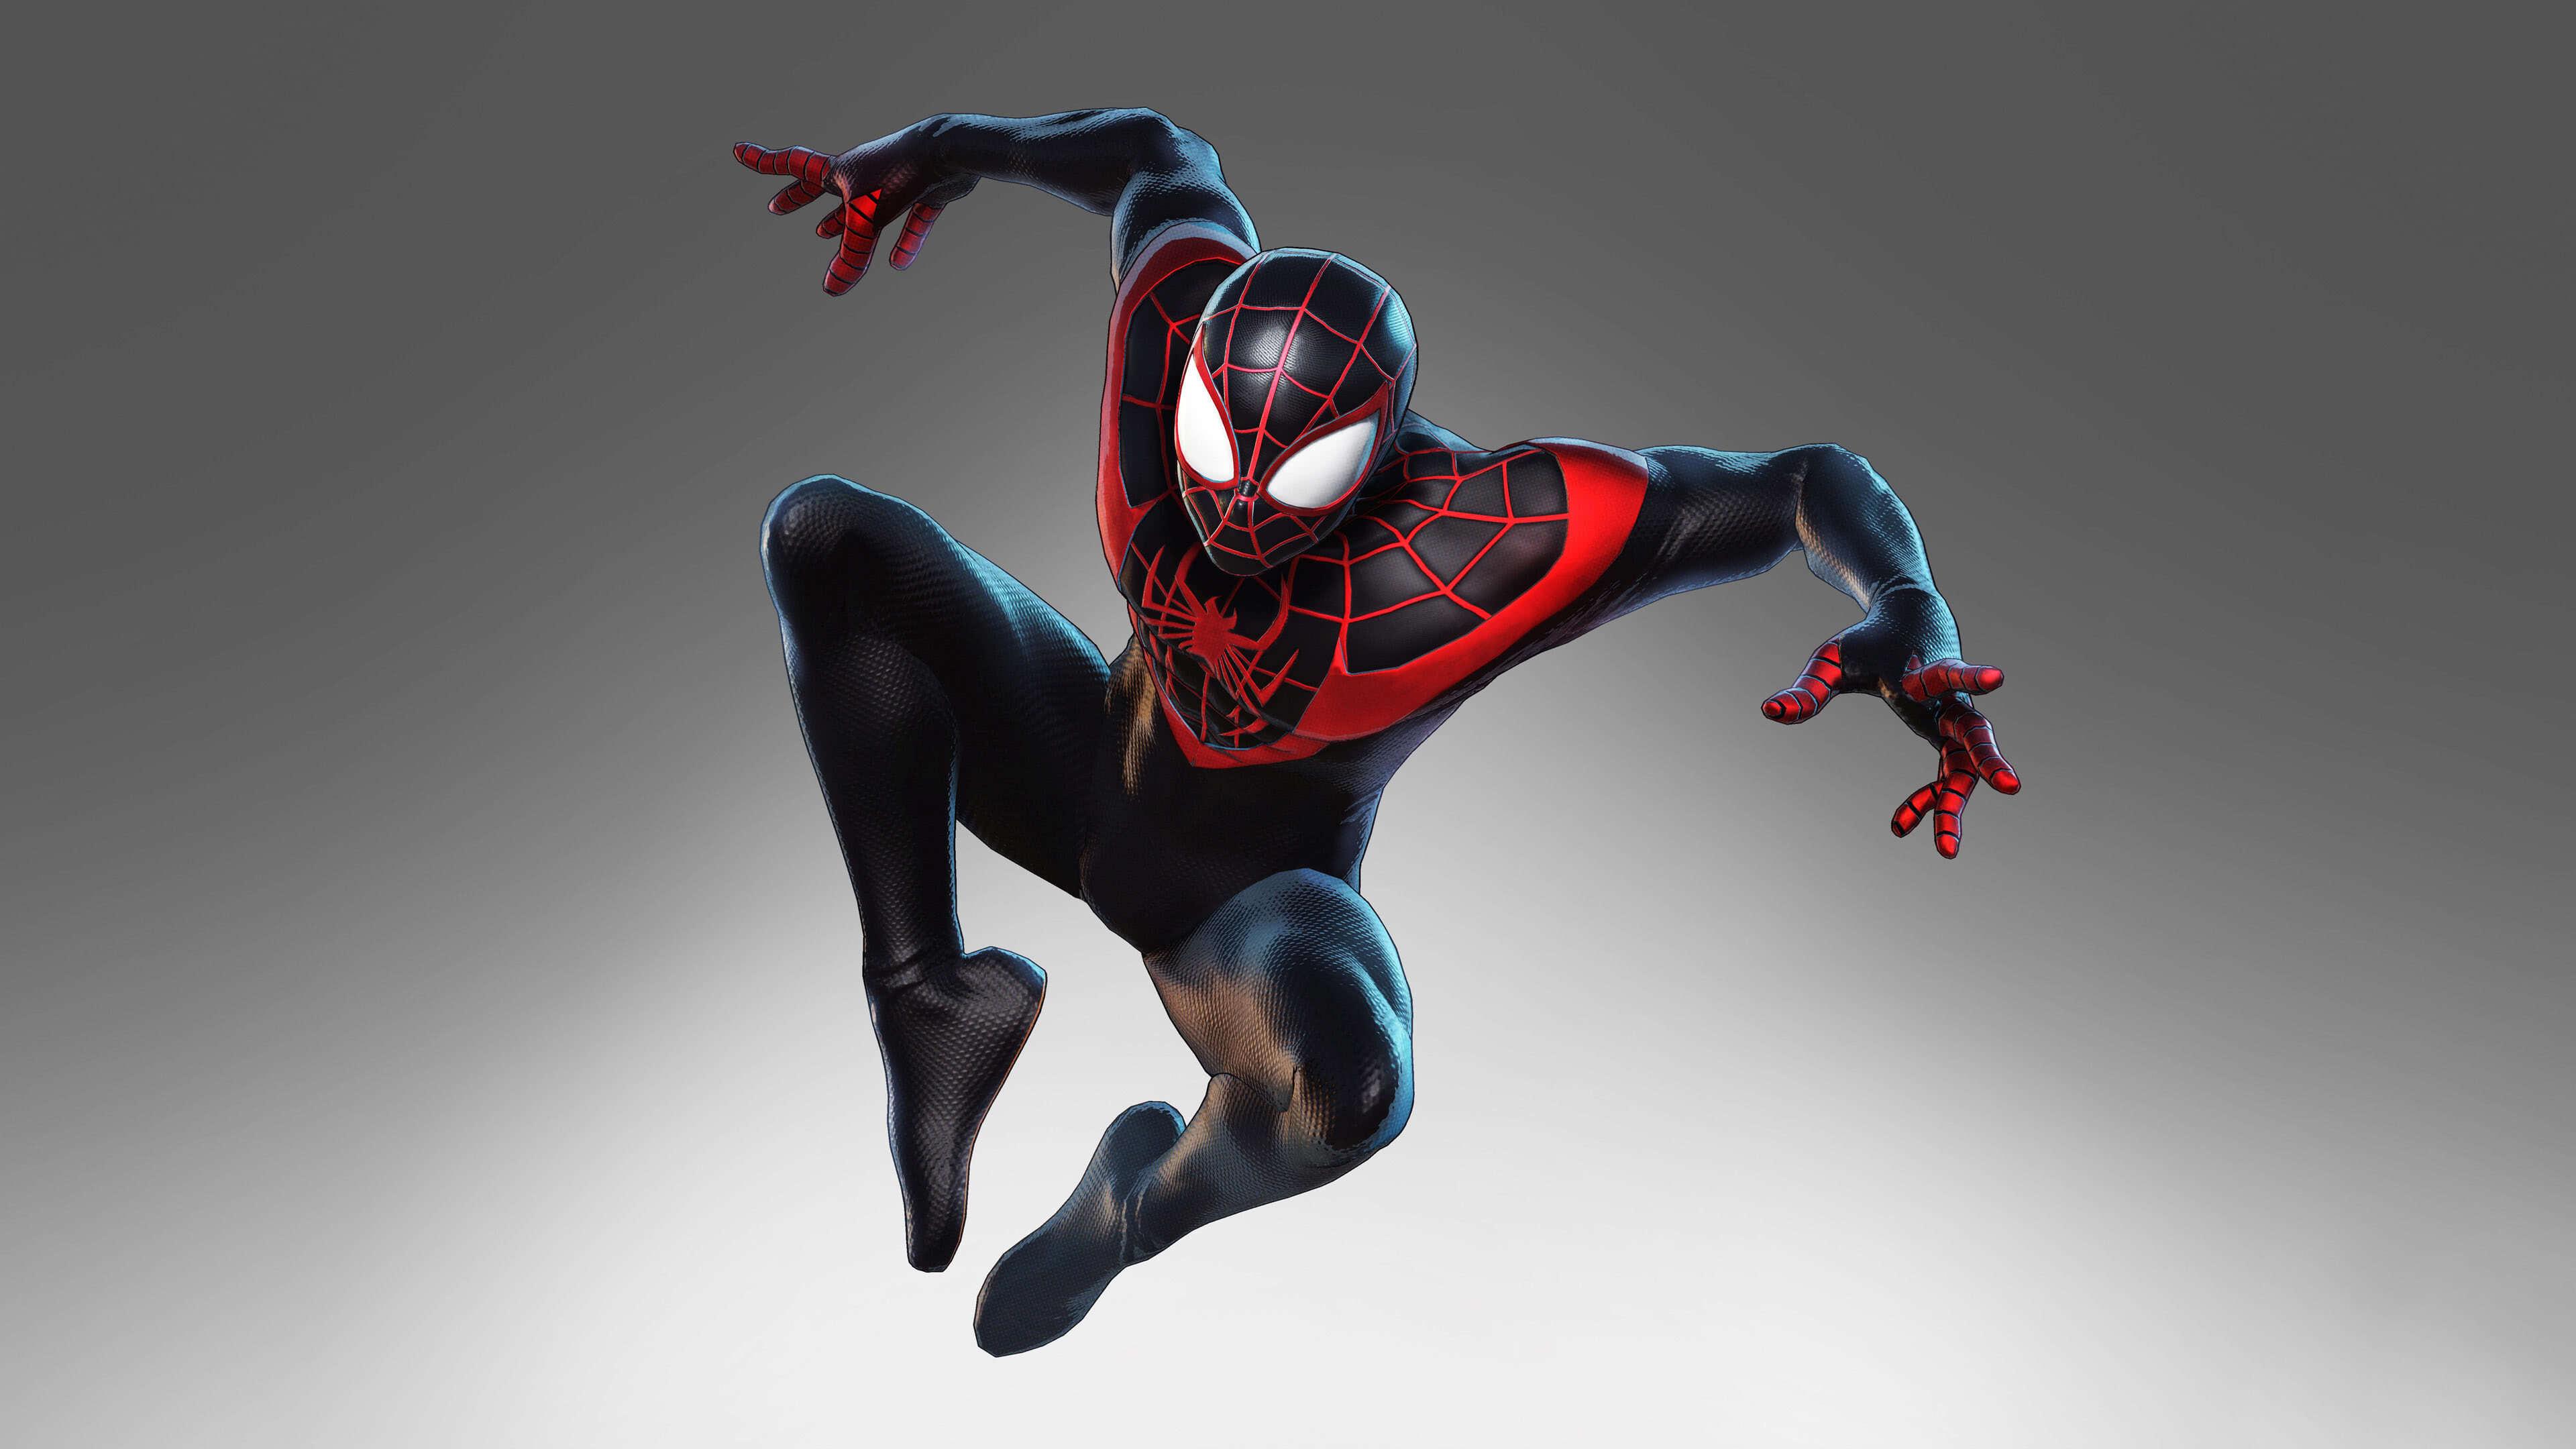 Marvel Ultimate Alliance 3 Miles Morales Spiderman Uhd 4k